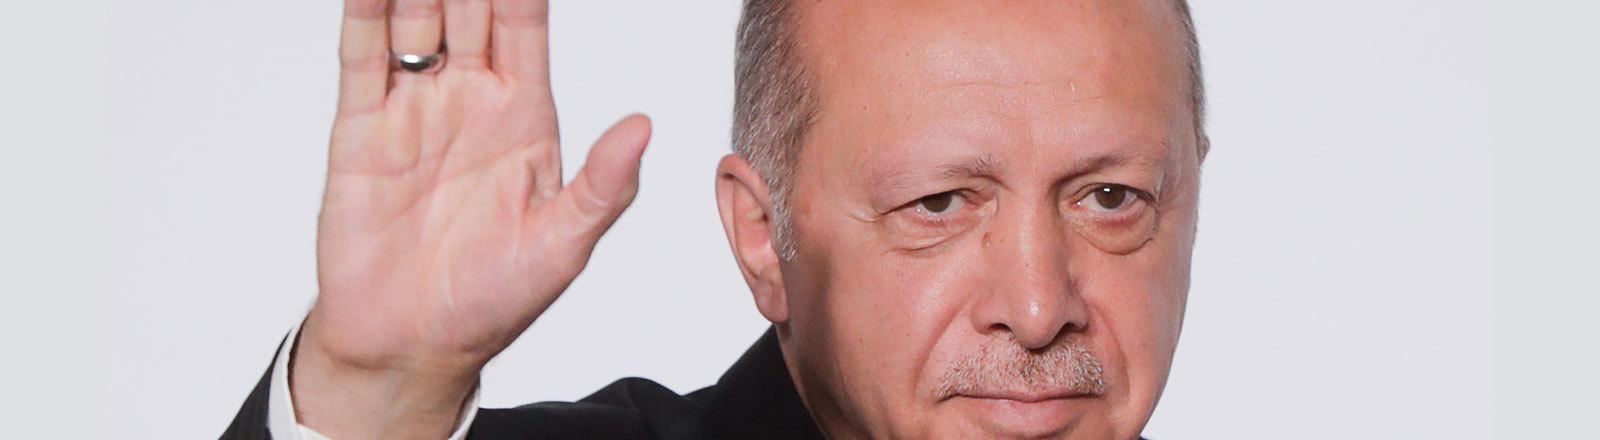 Der türkische Präsident Erdogan hebt die Hand zum Gruß.